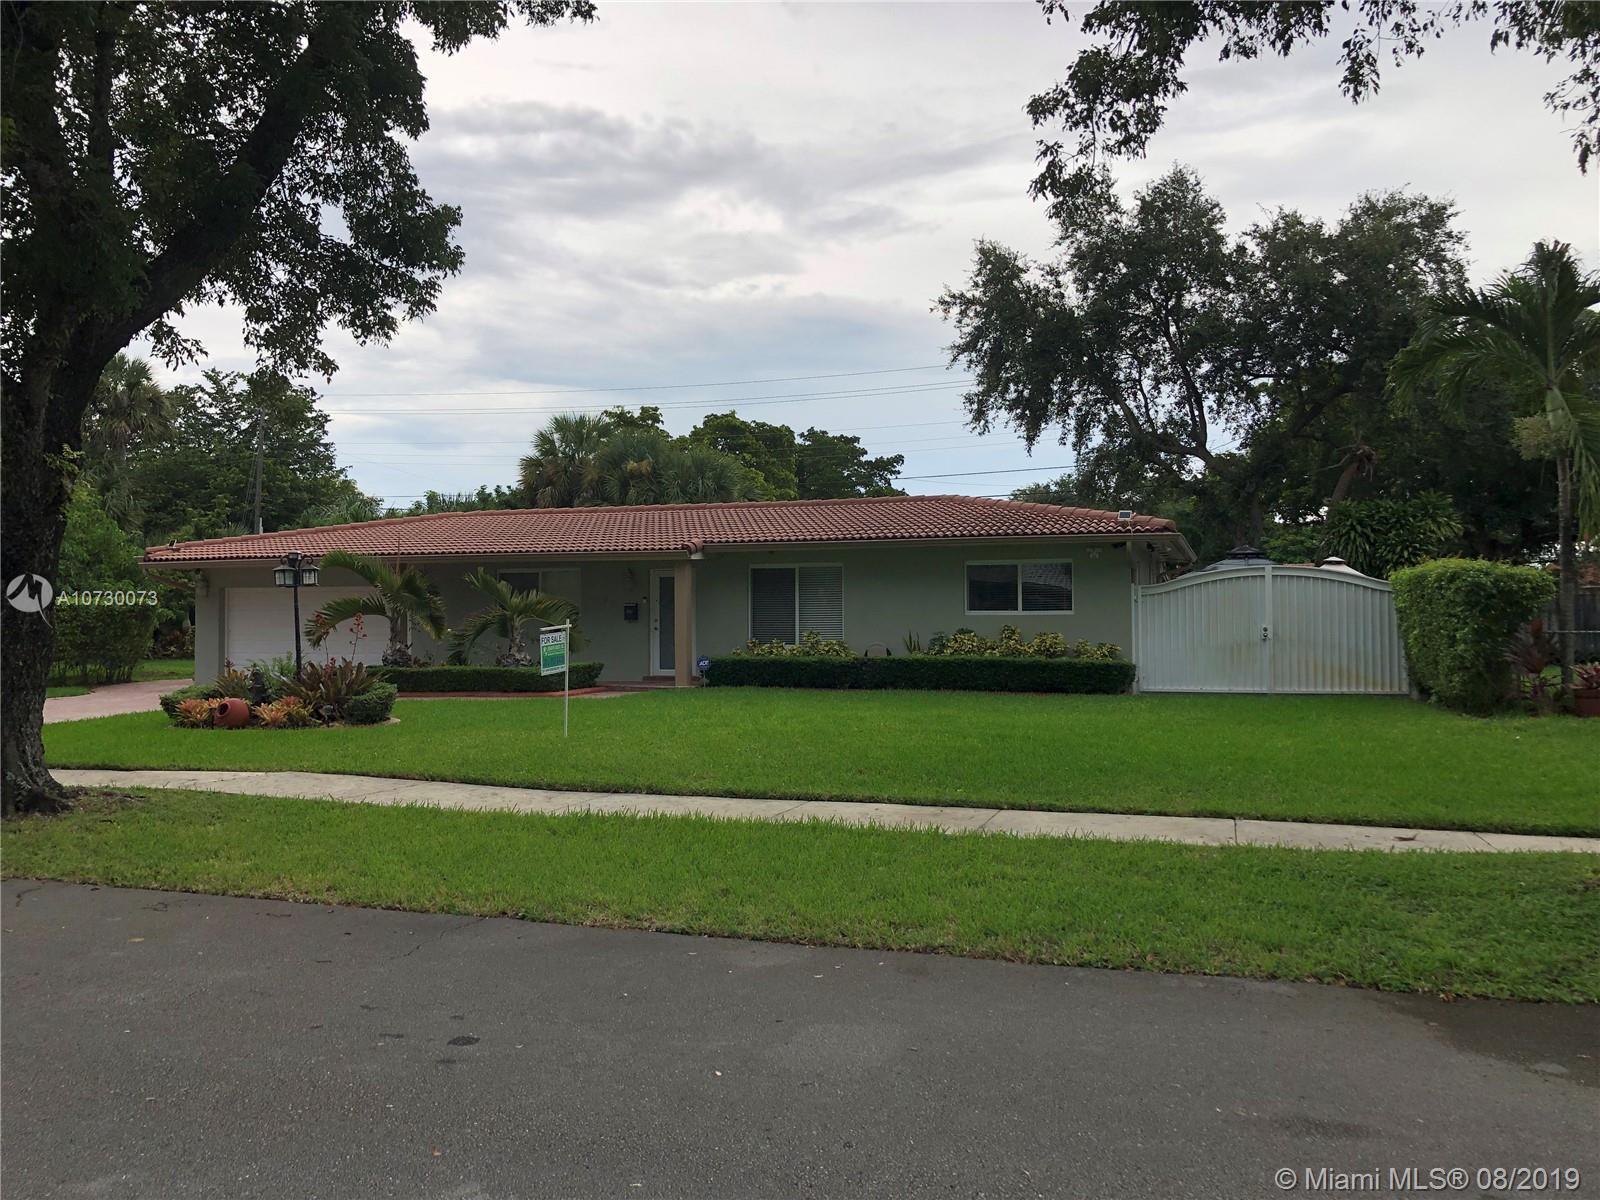 6301 Lake Geneva Rd, Miami Lakes, FL 33014